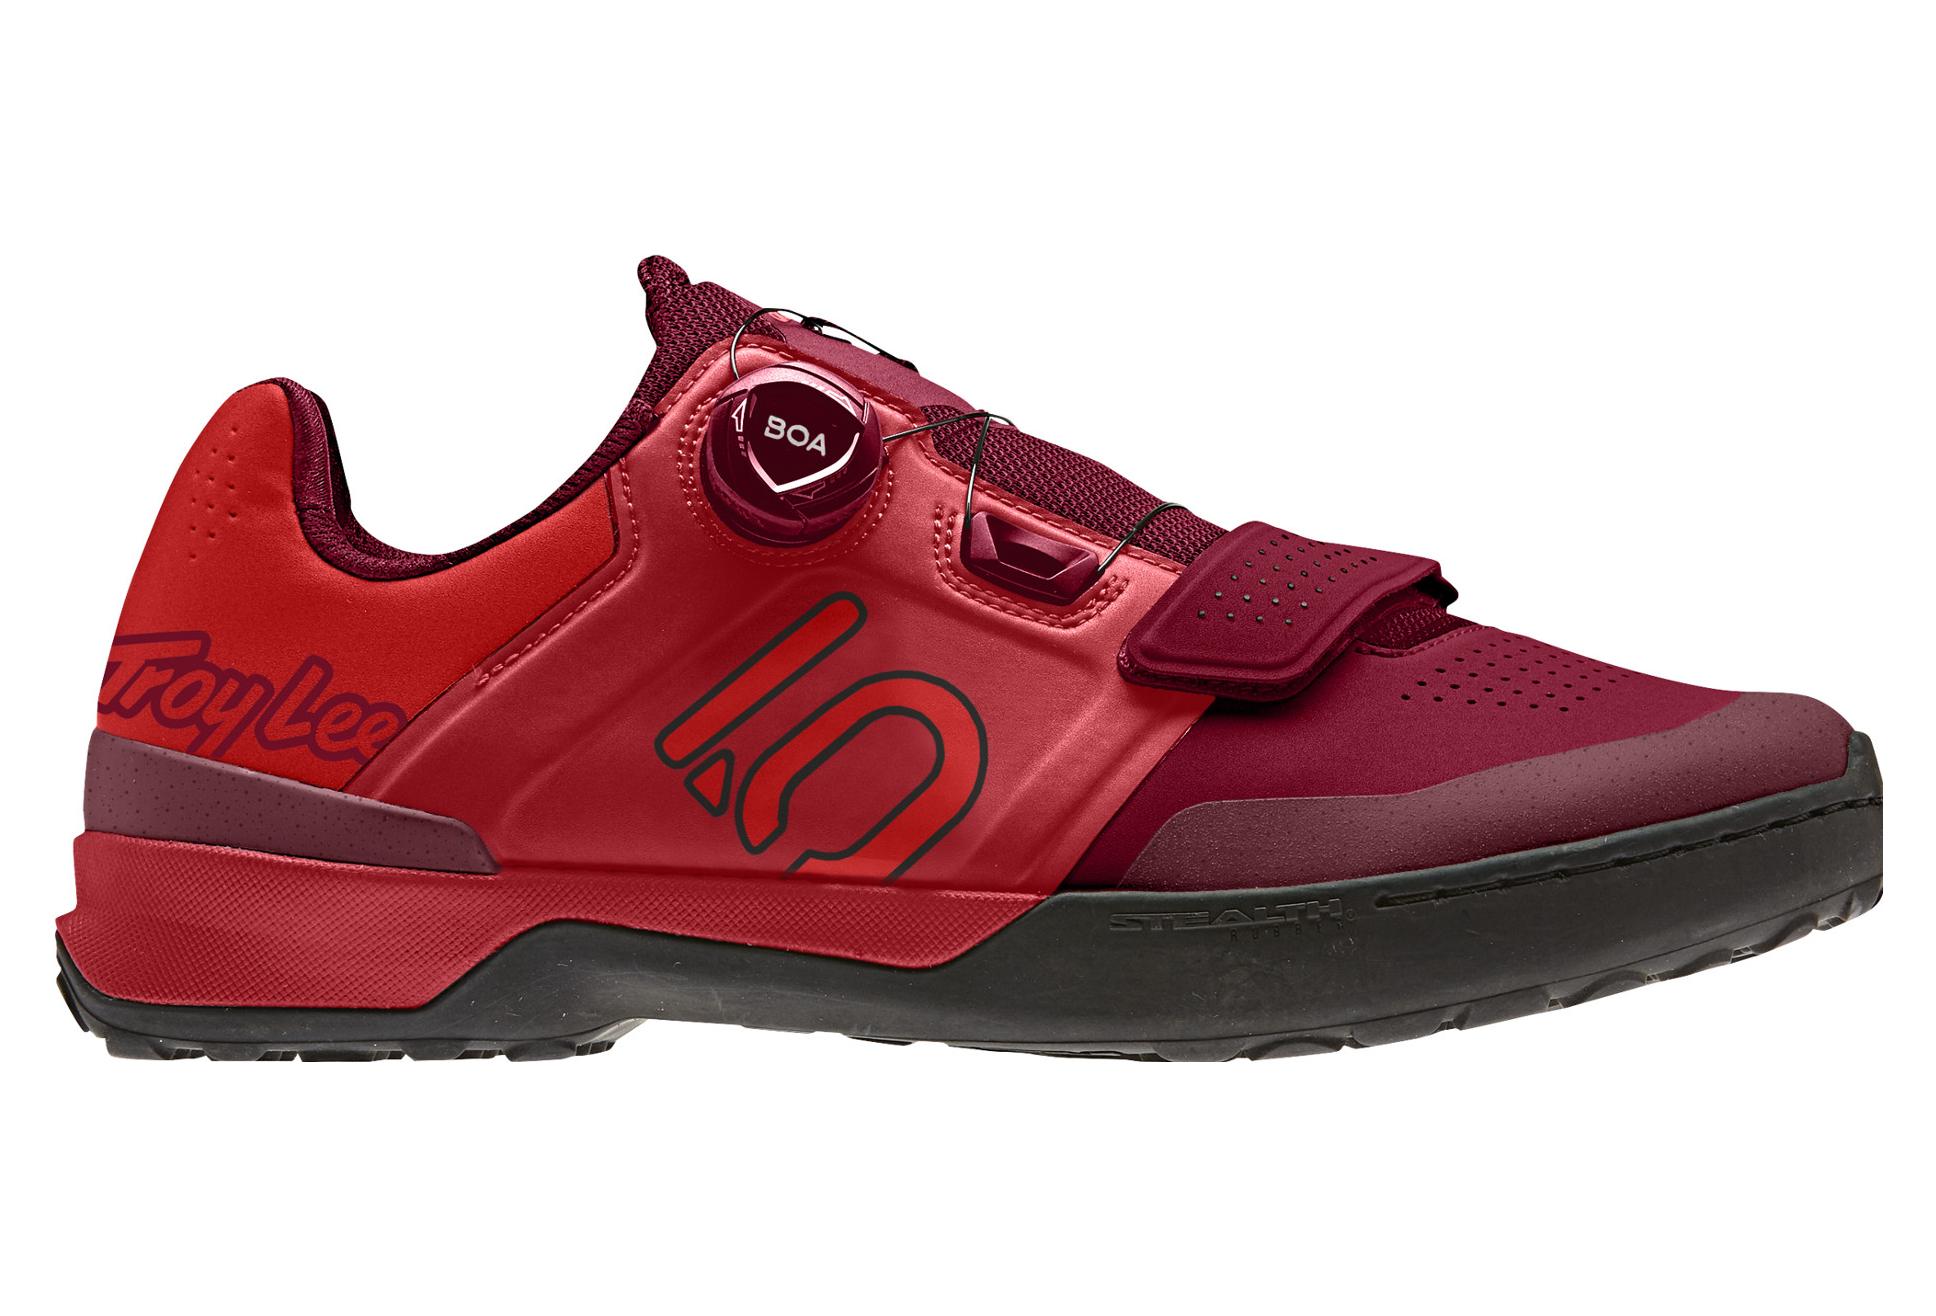 FIVE TEN KESTREL PRO BOA TLD MTB Shoes